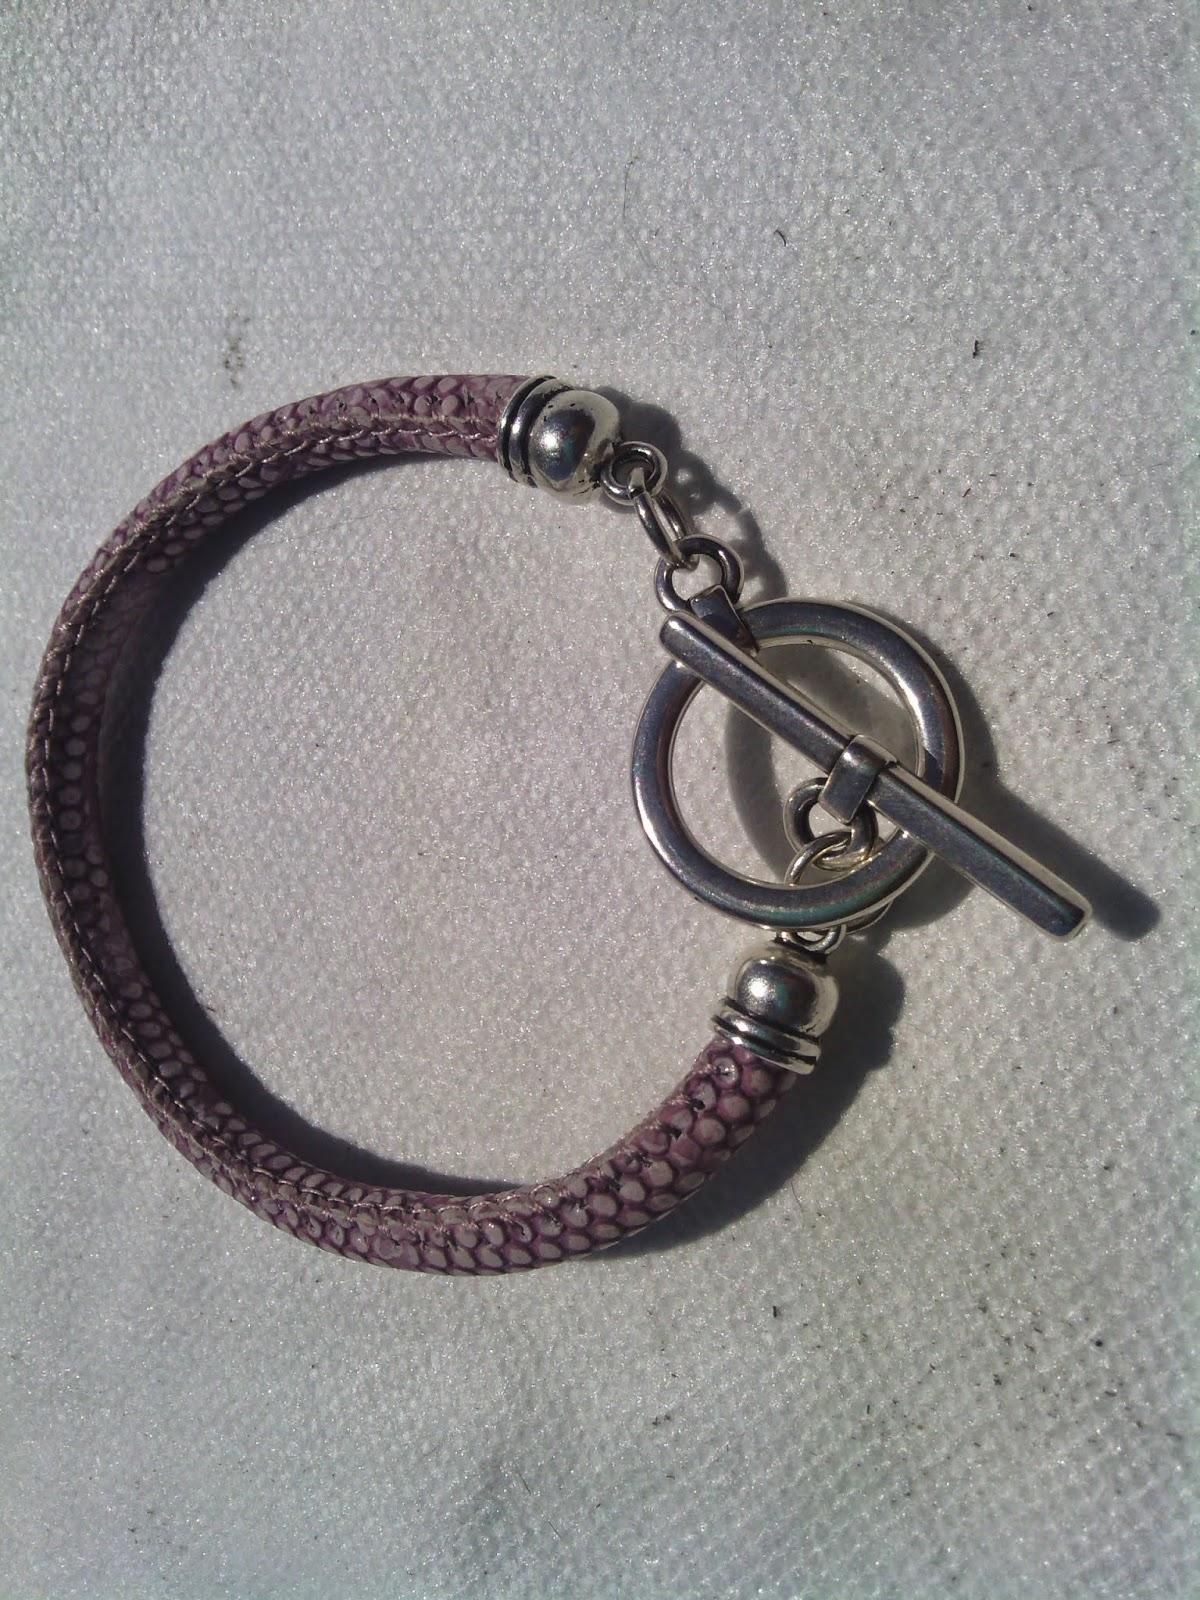 ff3a8b01a5b6 Mi maletín de pulseras de cuero y más  2014